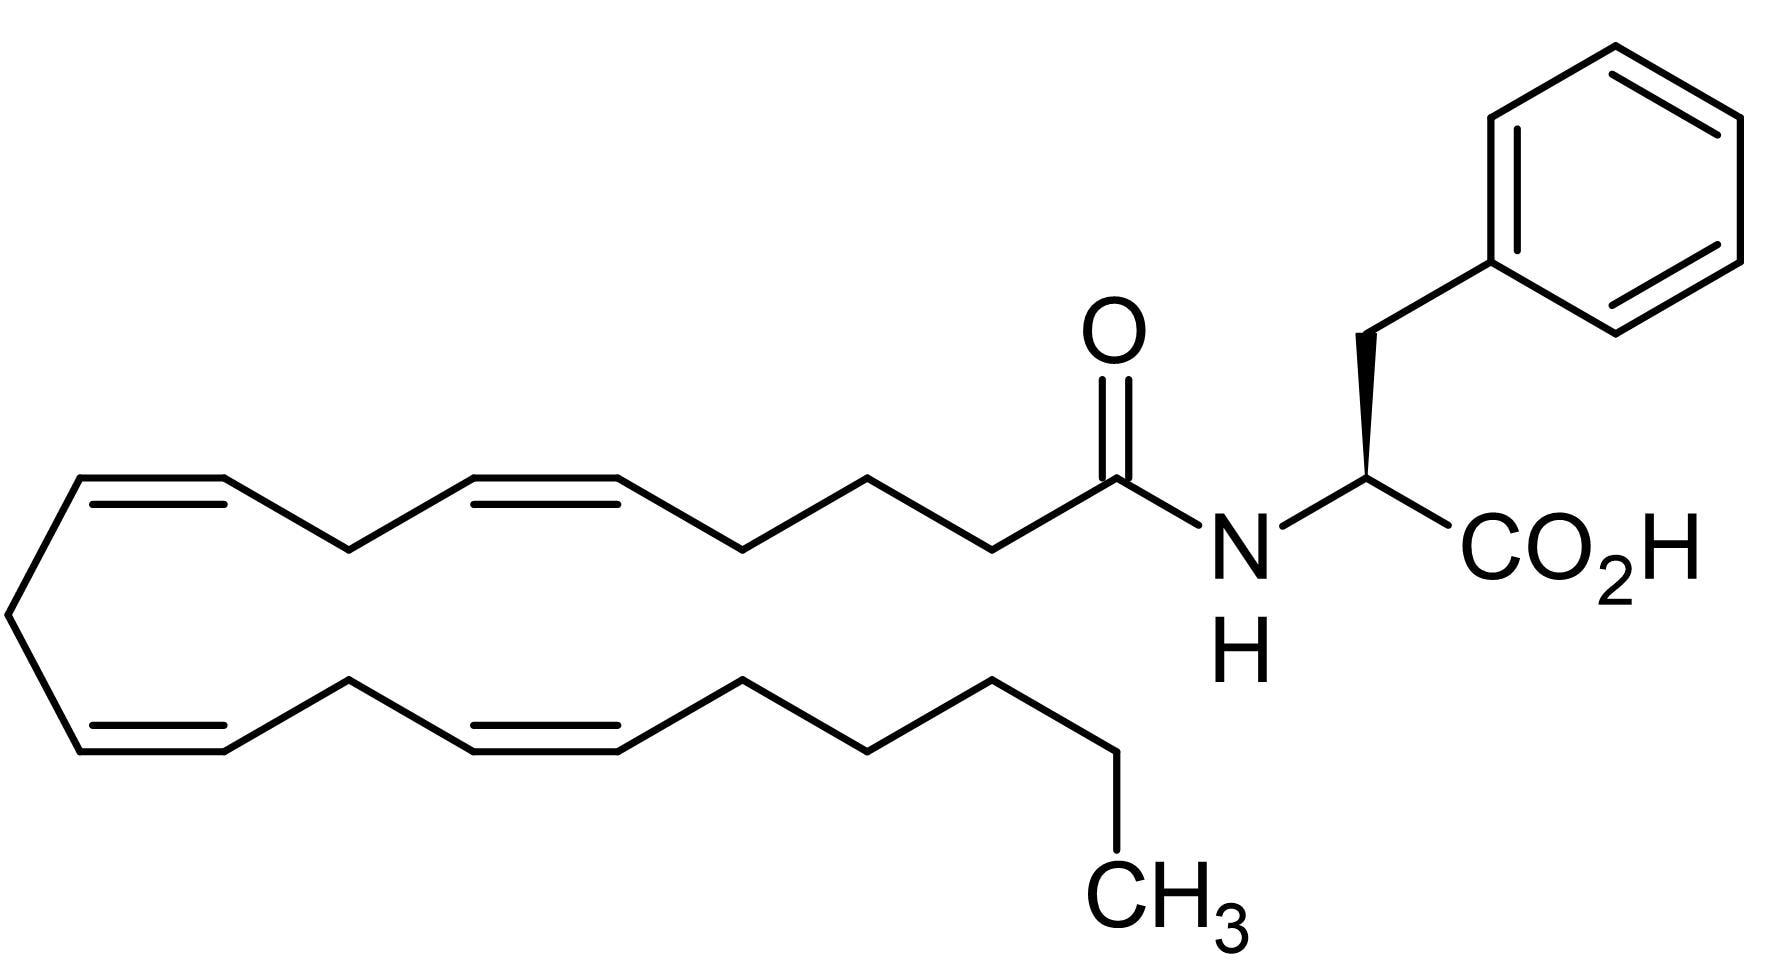 Chemical Structure - N-Arachidonoyl-L-phenylalanine, Arachidonoyl amino acid (ab141612)